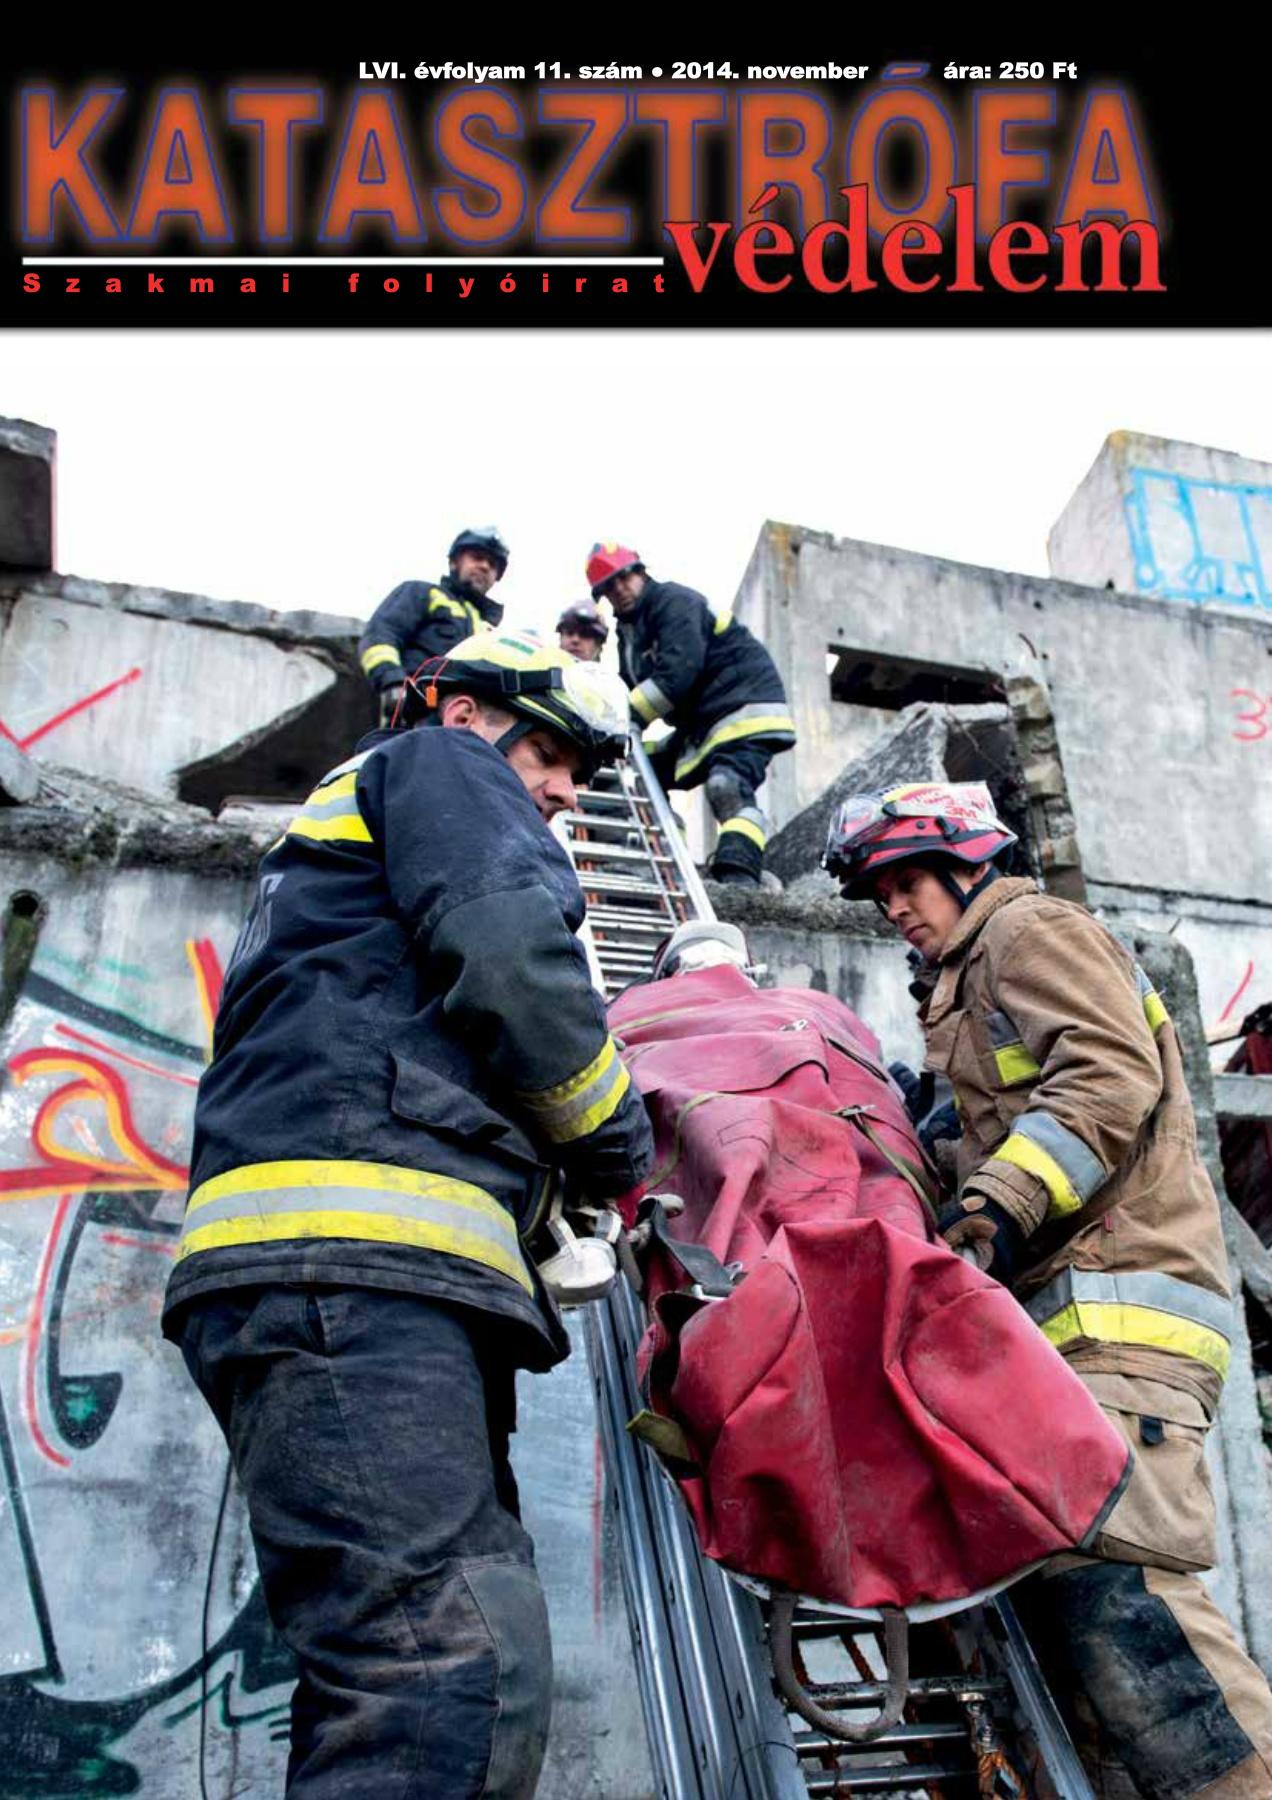 A Katasztrófavédelem magazin LVI. évfolyam 11. szám megtekintése